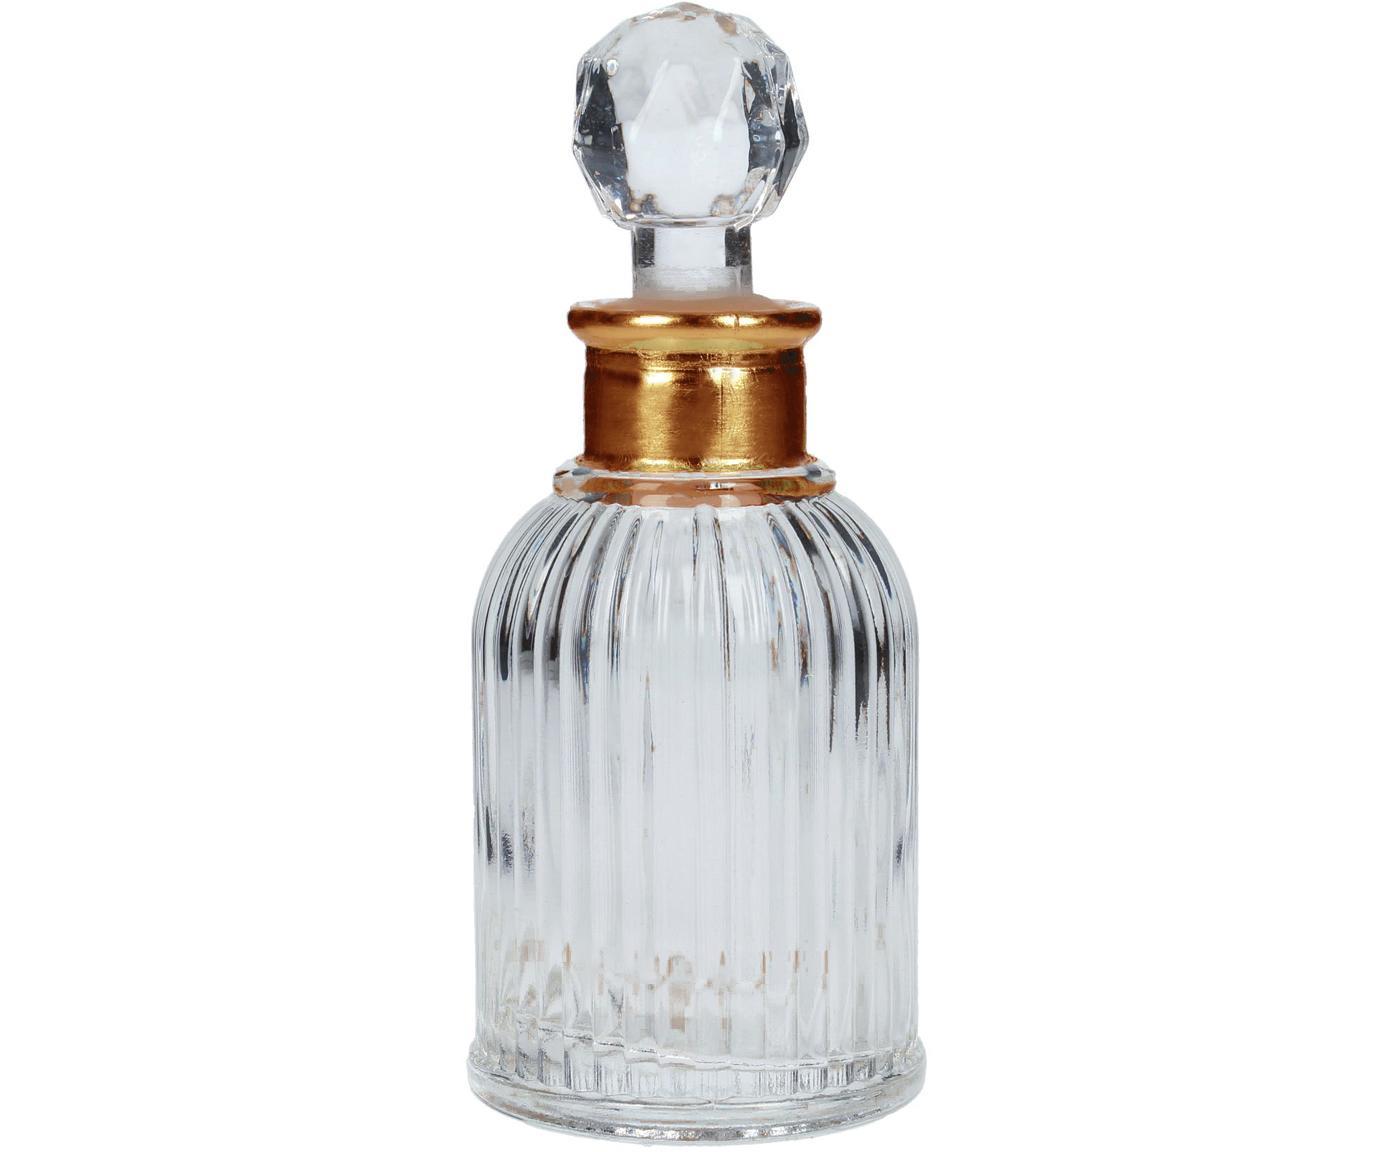 Botella decorativa Rotira, Vidrio, pintado, Transparente, dorado, Ø 6 x Al 14 cm